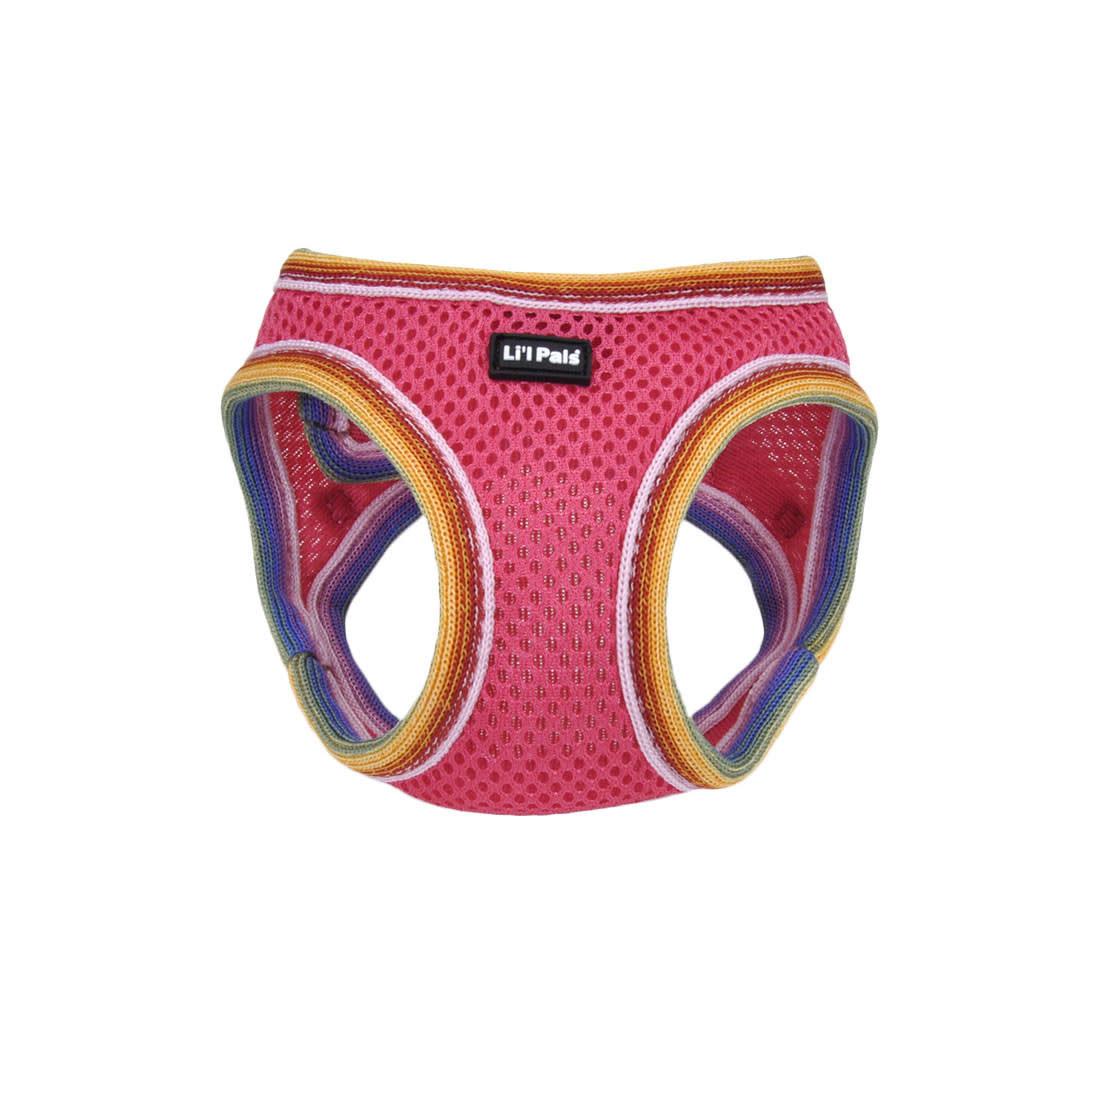 Li'l Pals Comfort Mesh Dog Harness, Bright Pink, 10-12-in